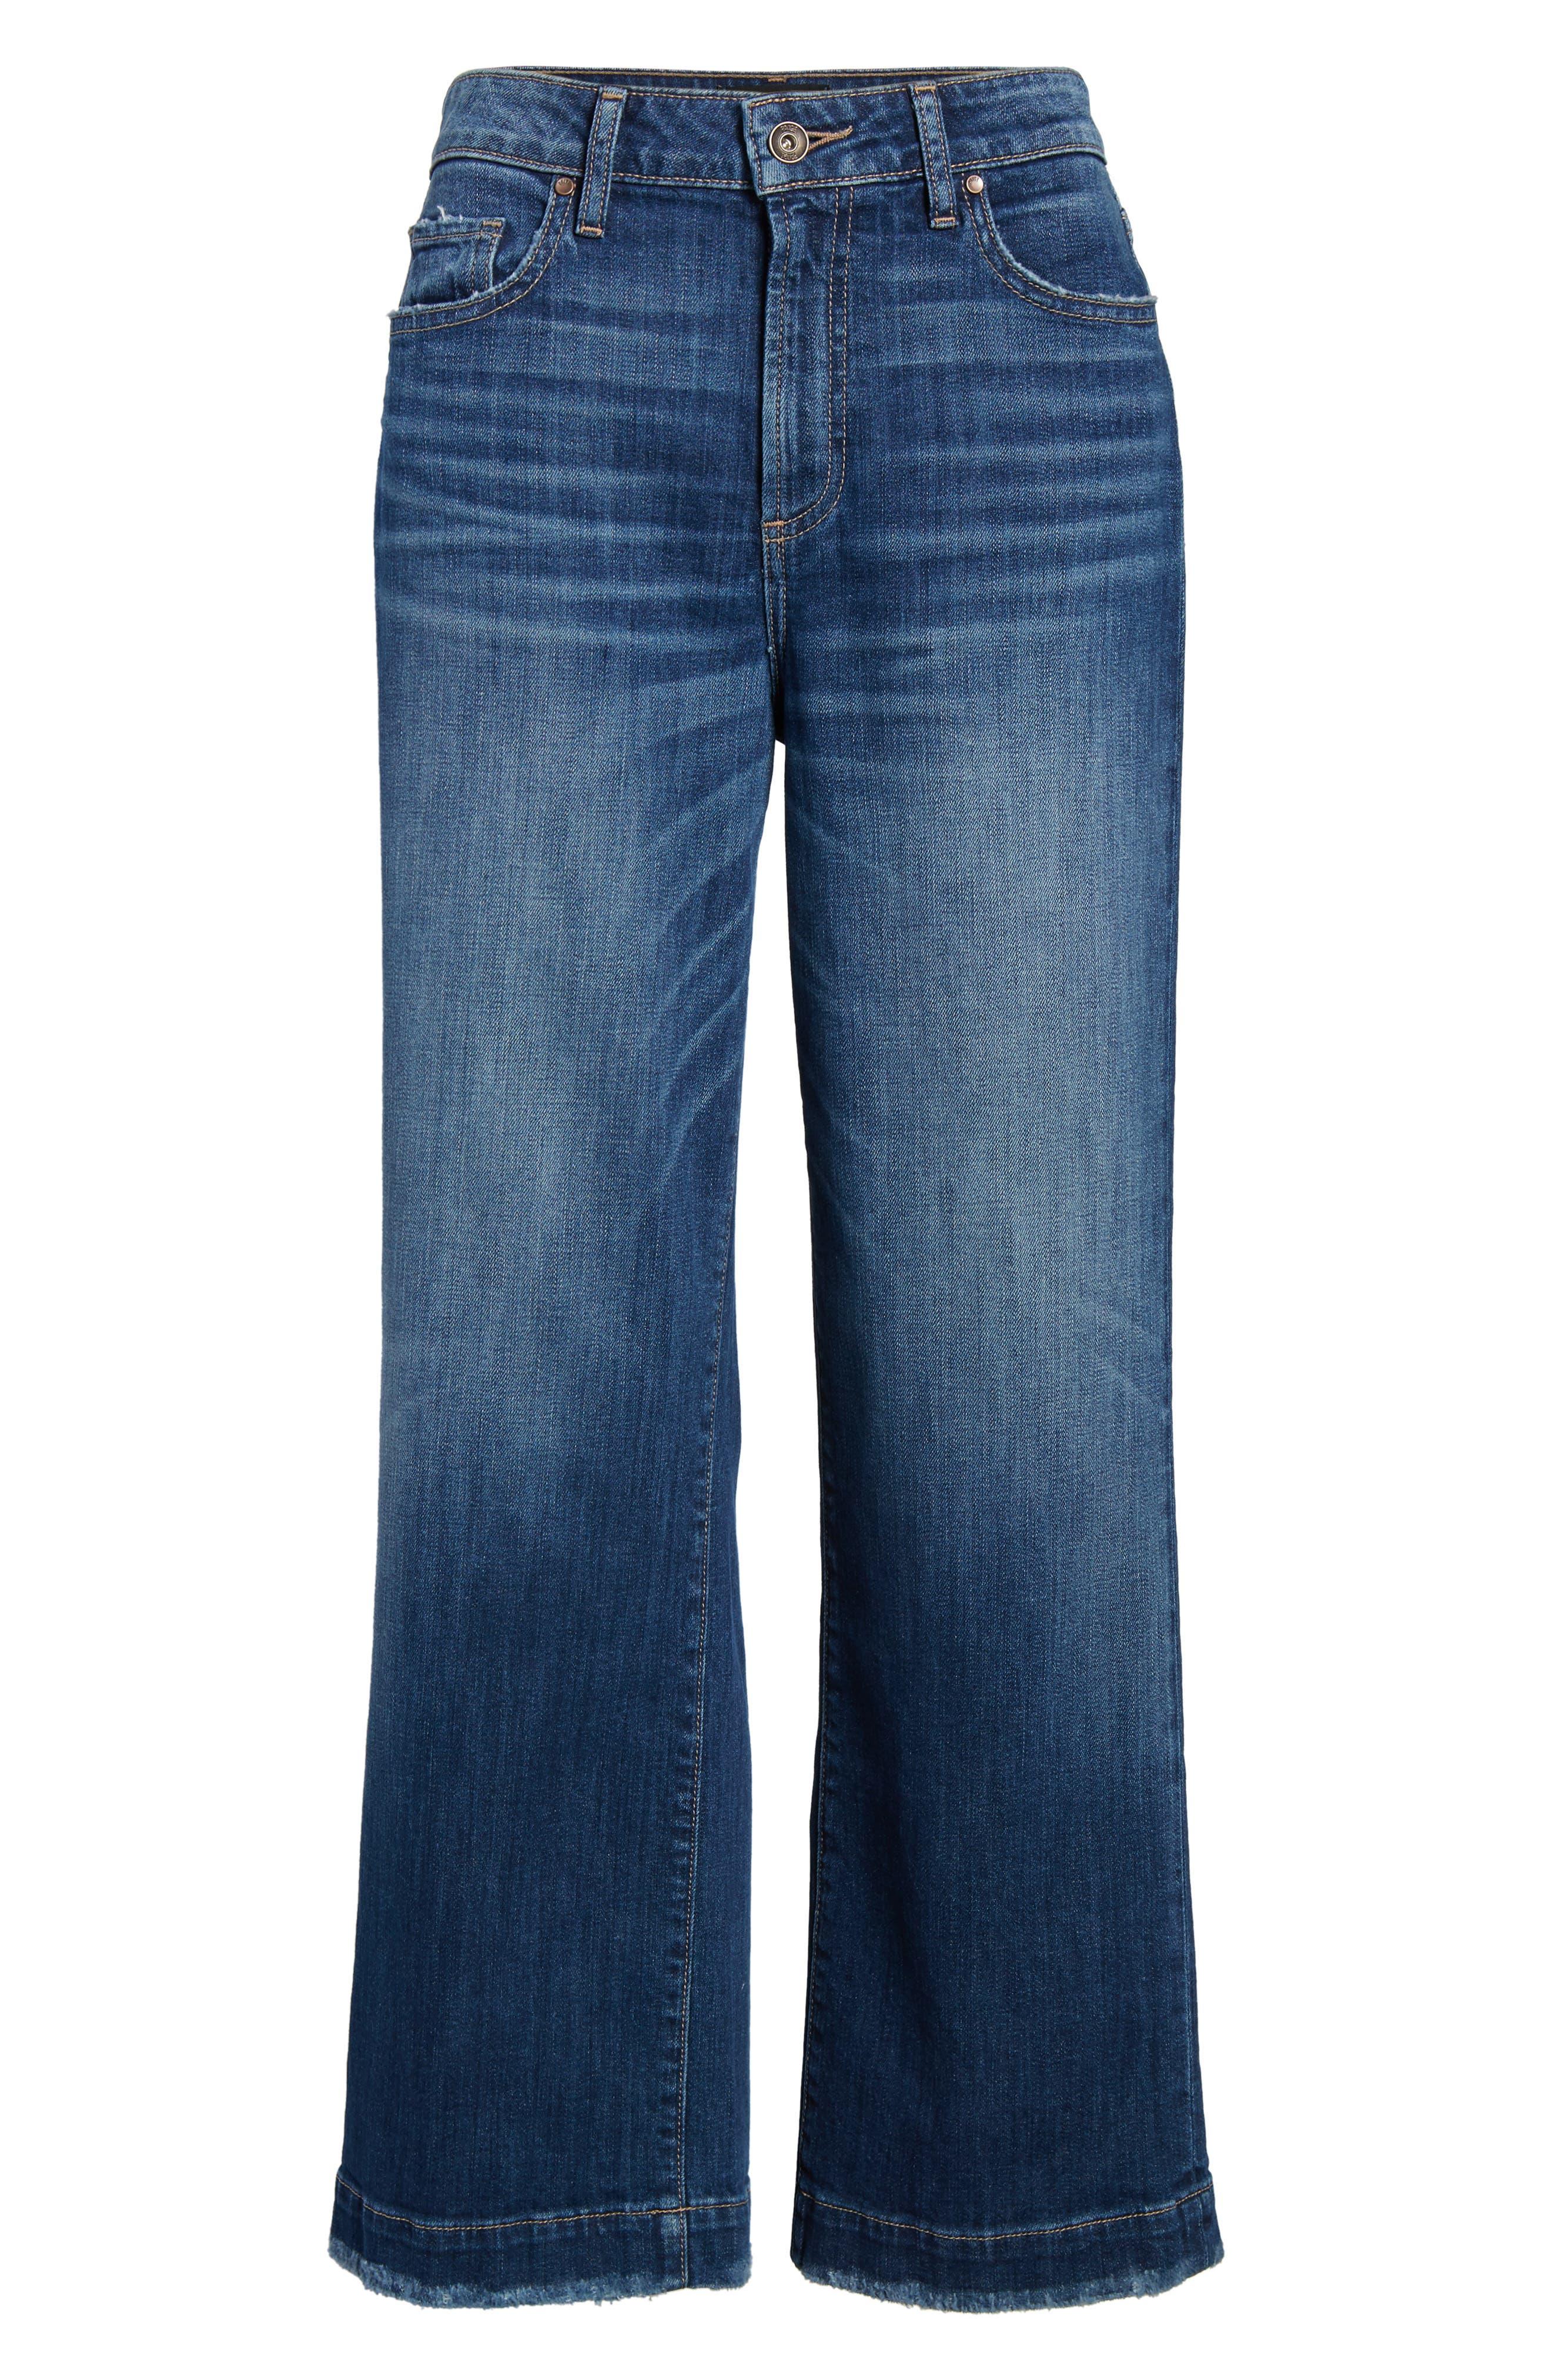 Nellie High Waist Culotte Jeans,                             Alternate thumbnail 7, color,                             400